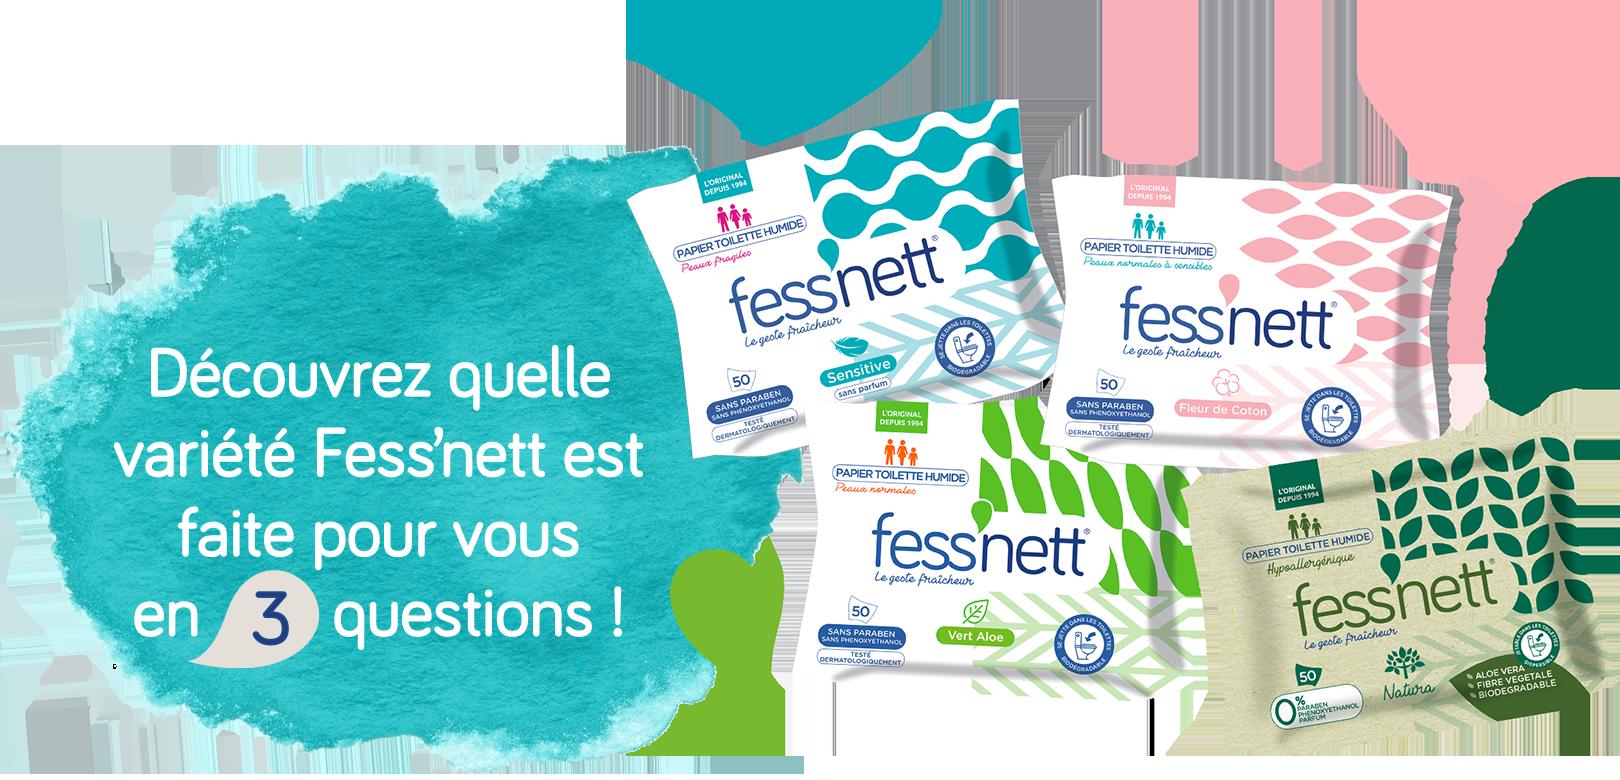 Découvrez quelle variété Fess'nett est faite pour vous en 3 questions !